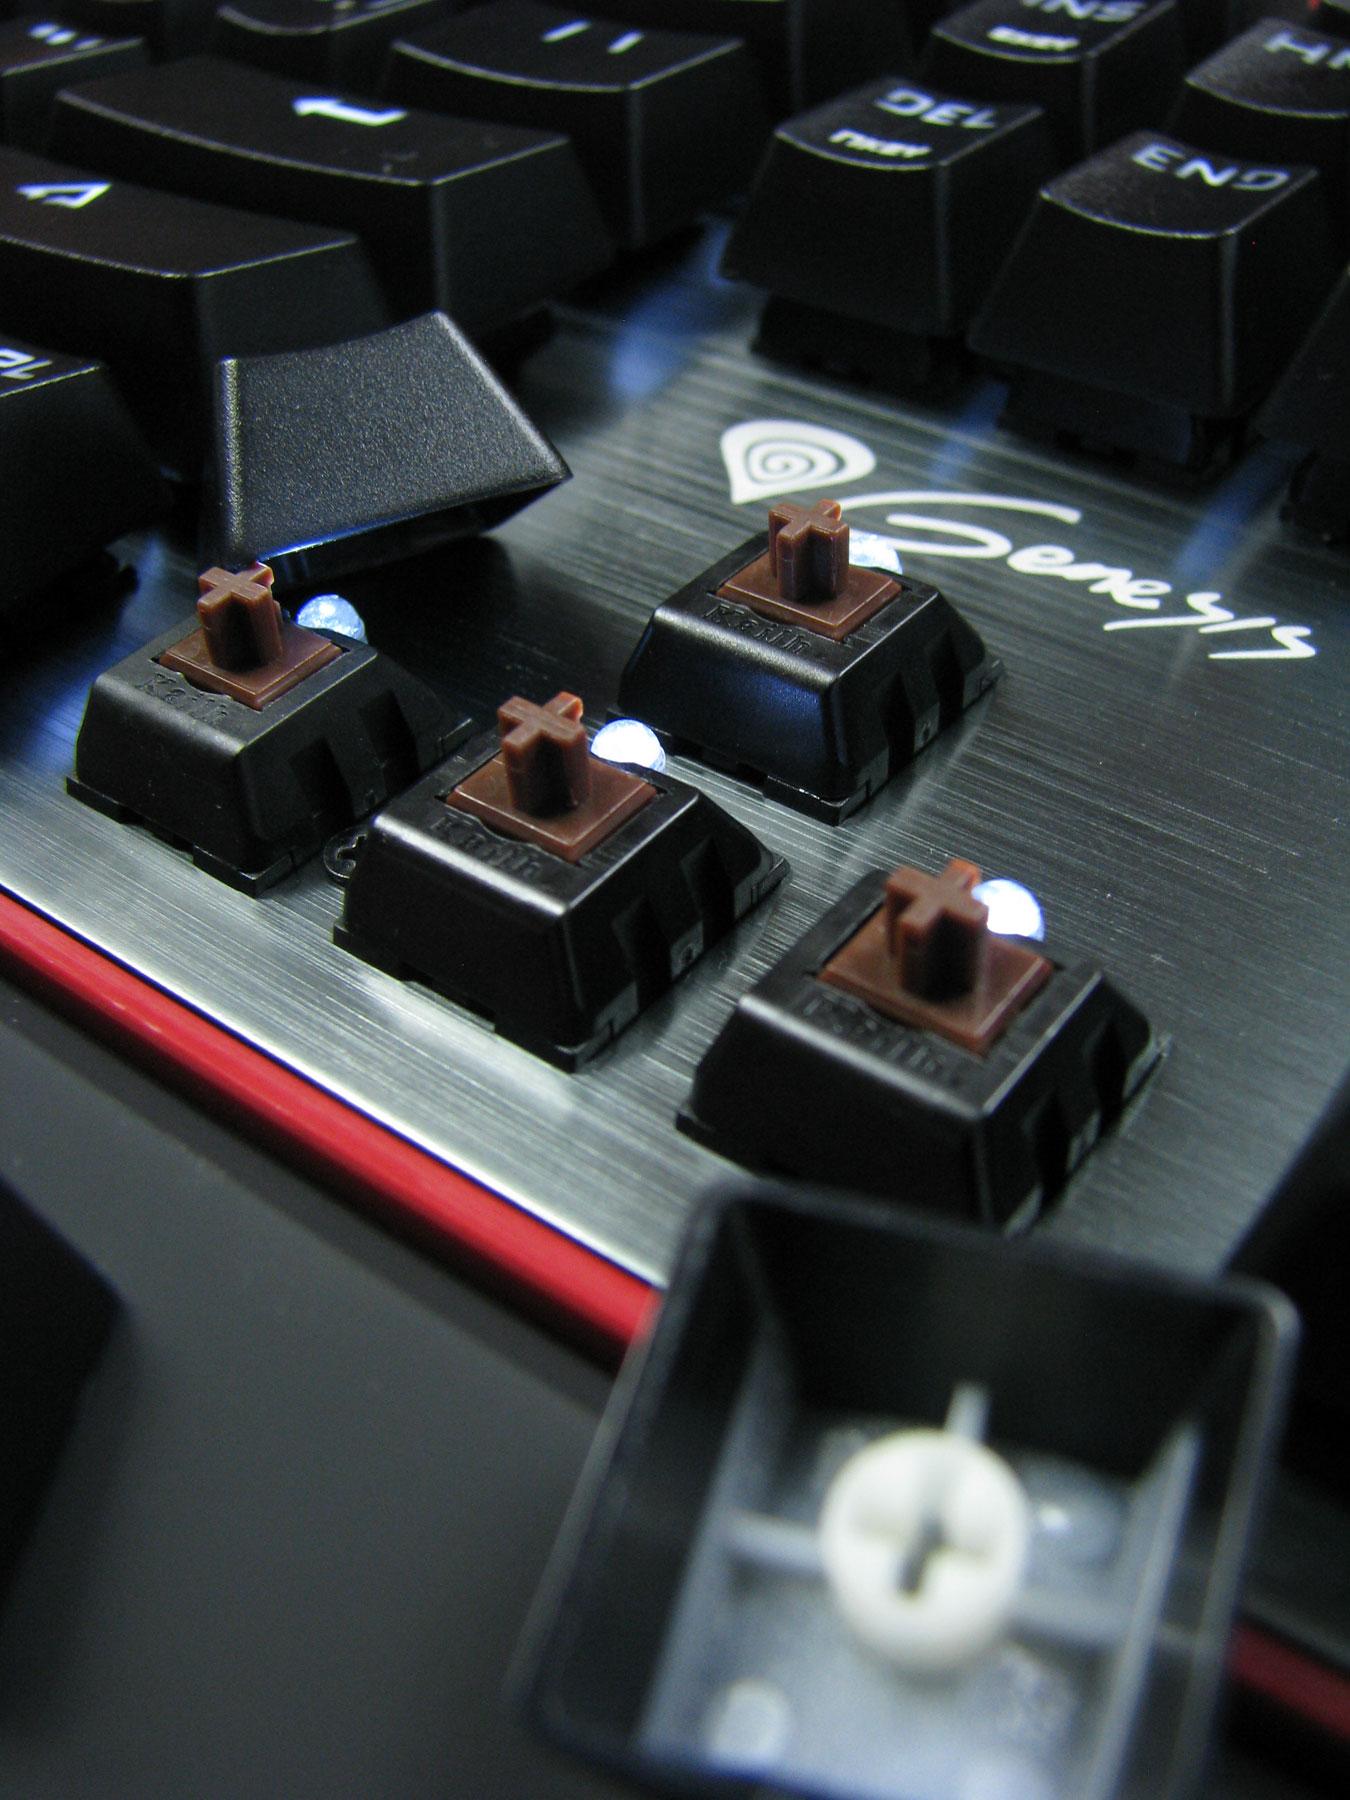 Natec Genesis RX85 skrywa pod kapslami przełączniki Kailh Brown.